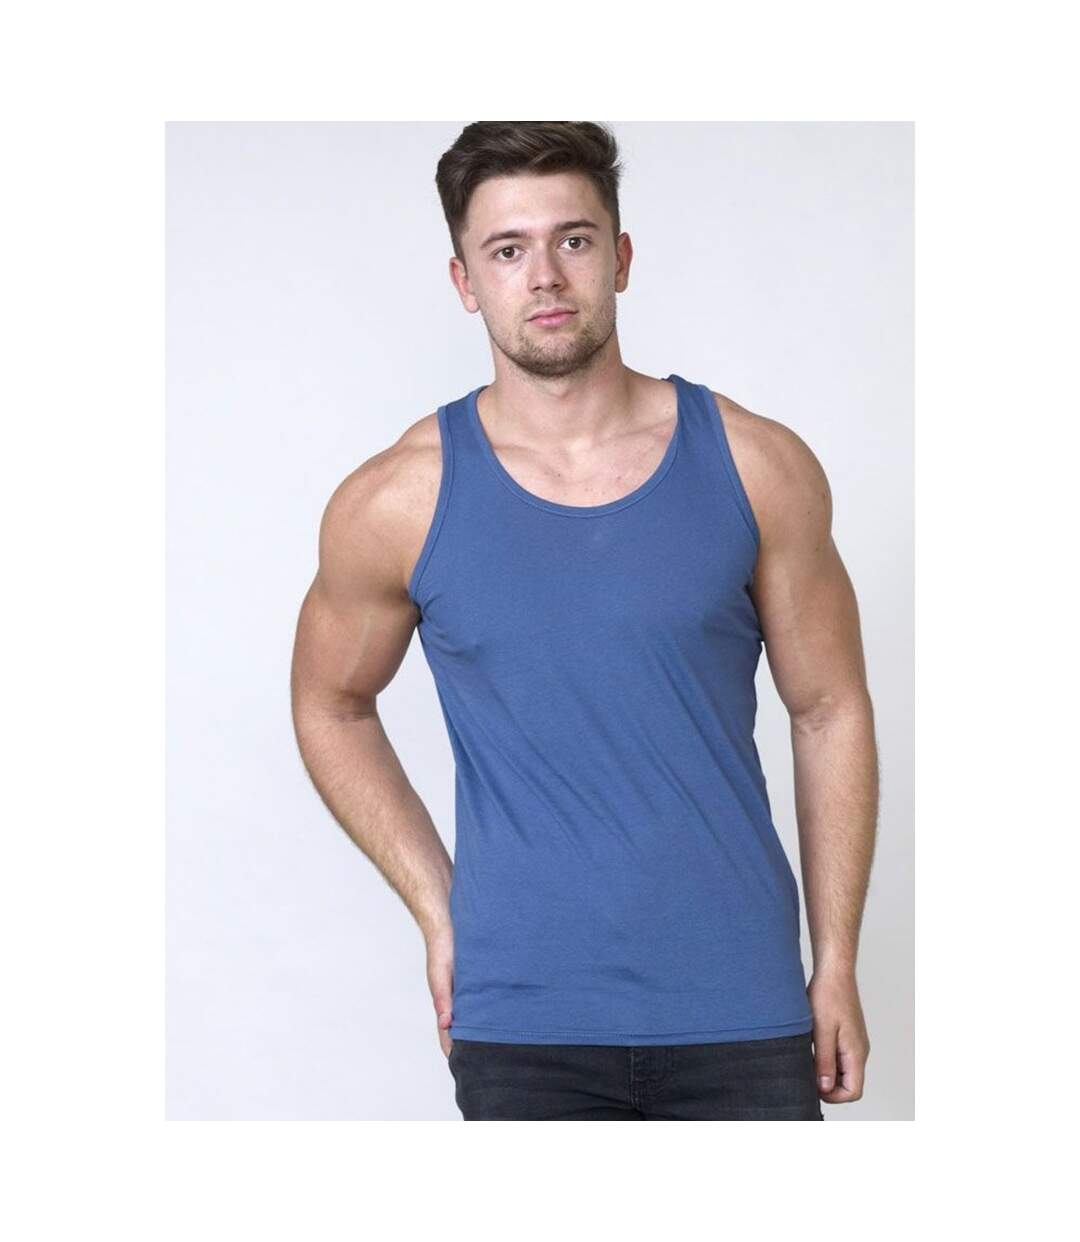 Duke Mens Fabio-2 Muscle Vest (Teal) - UTDC168